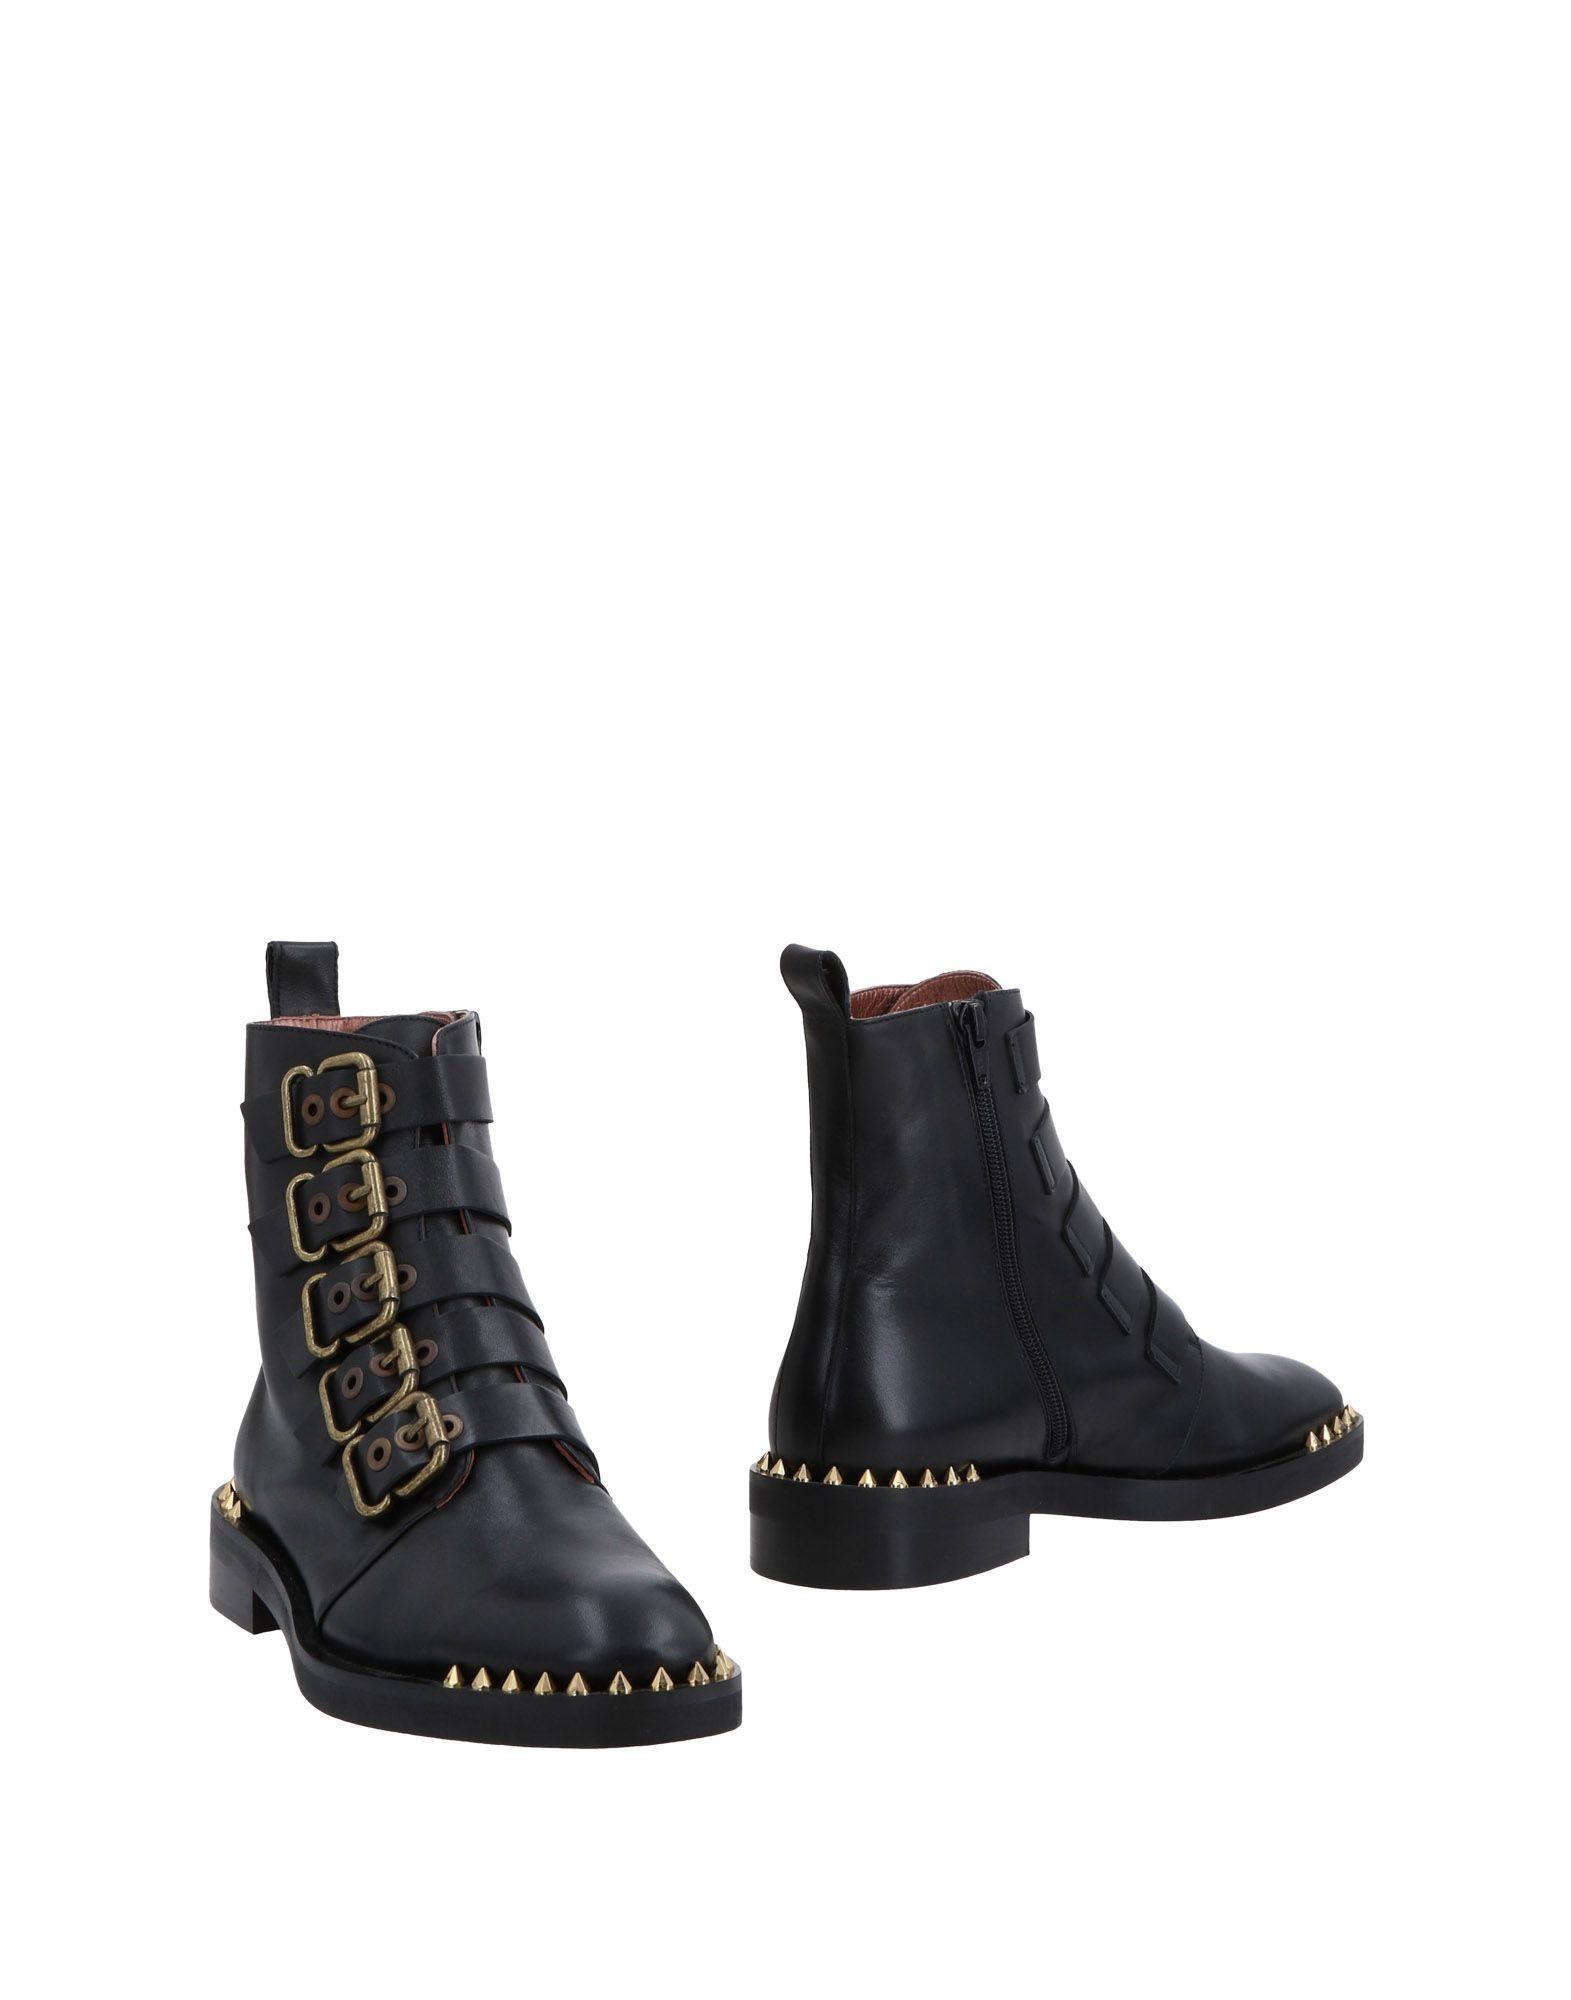 Ras Stiefelette Damen  11487322DOGut aussehende strapazierfähige Schuhe